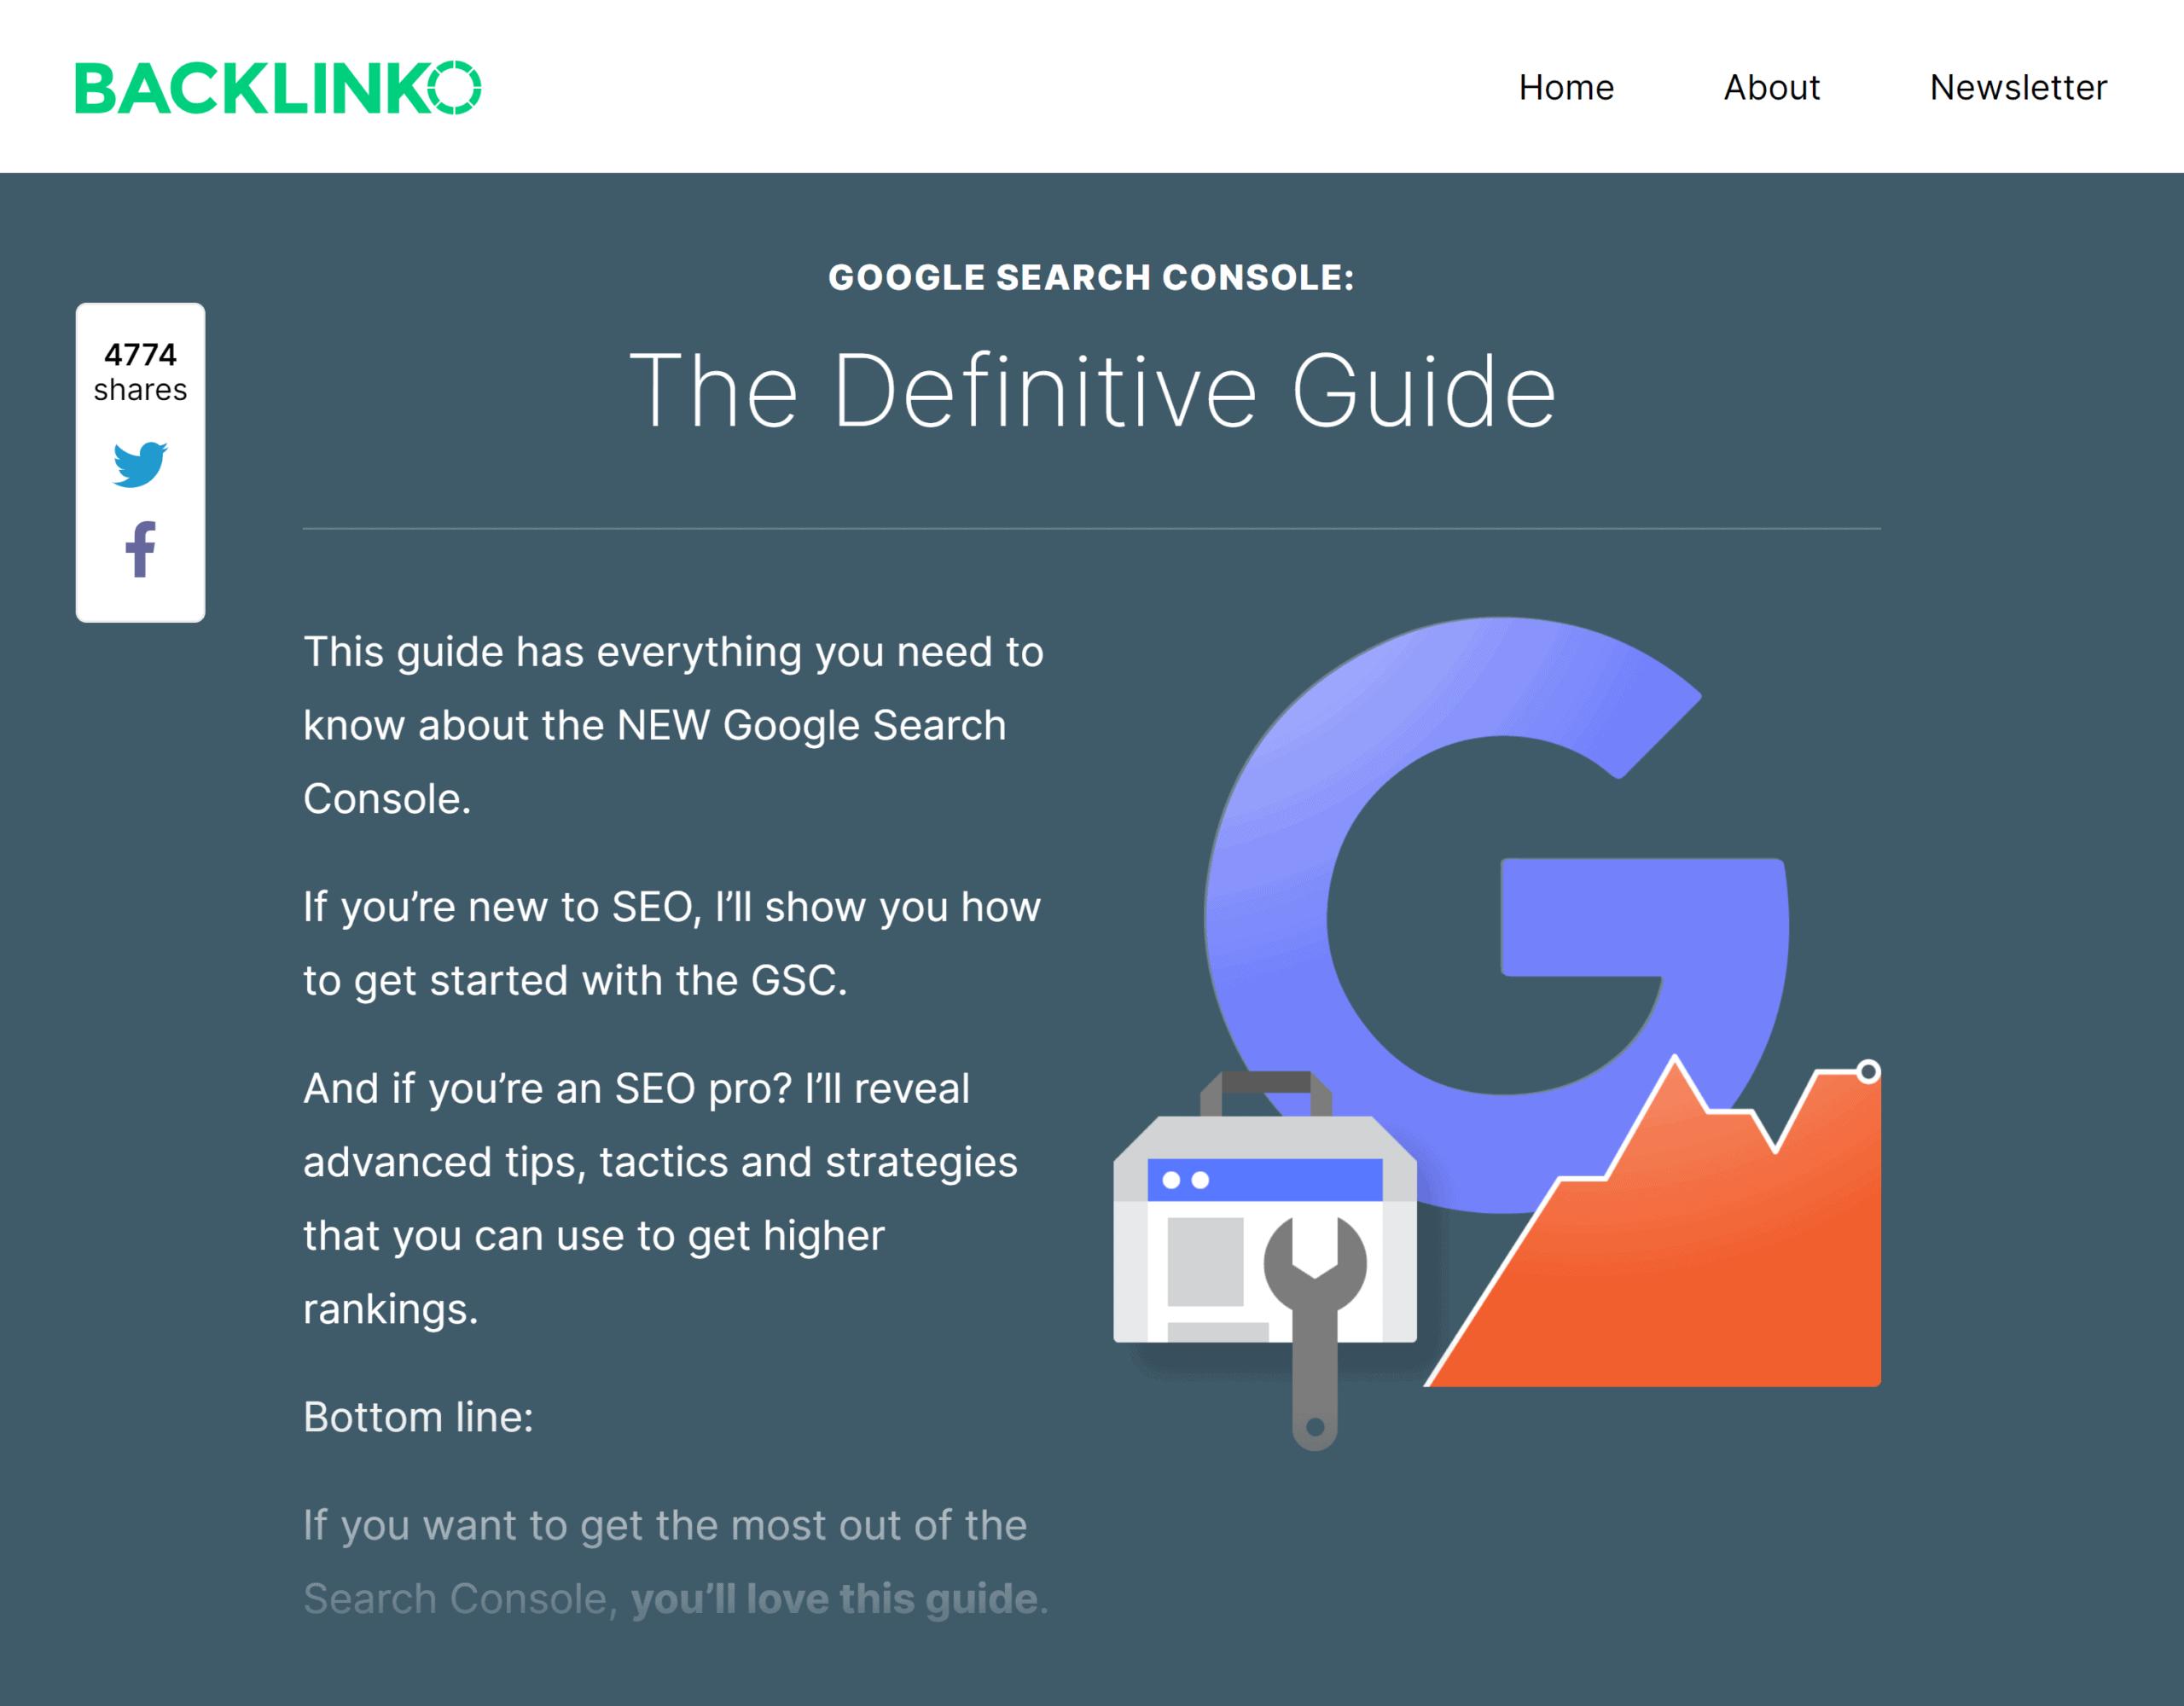 Backlinko – Google Search Console